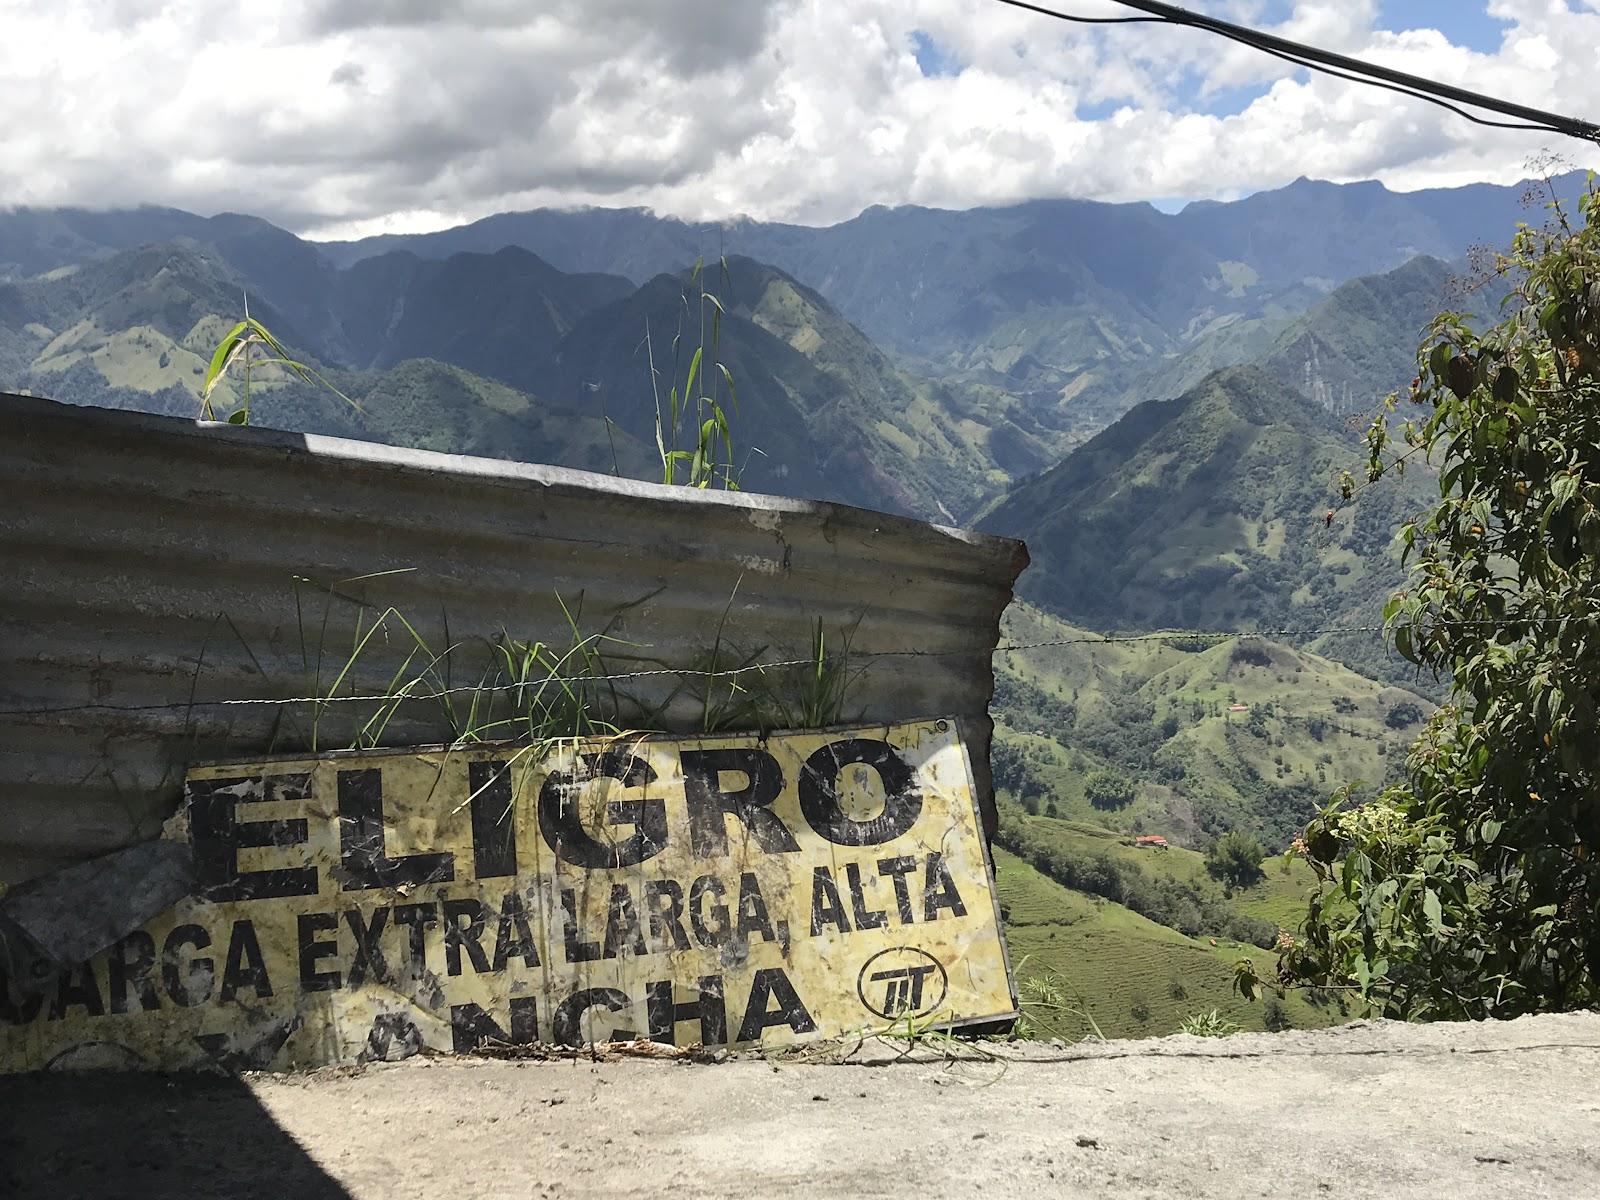 Sign on Alto de Letras road bike climb